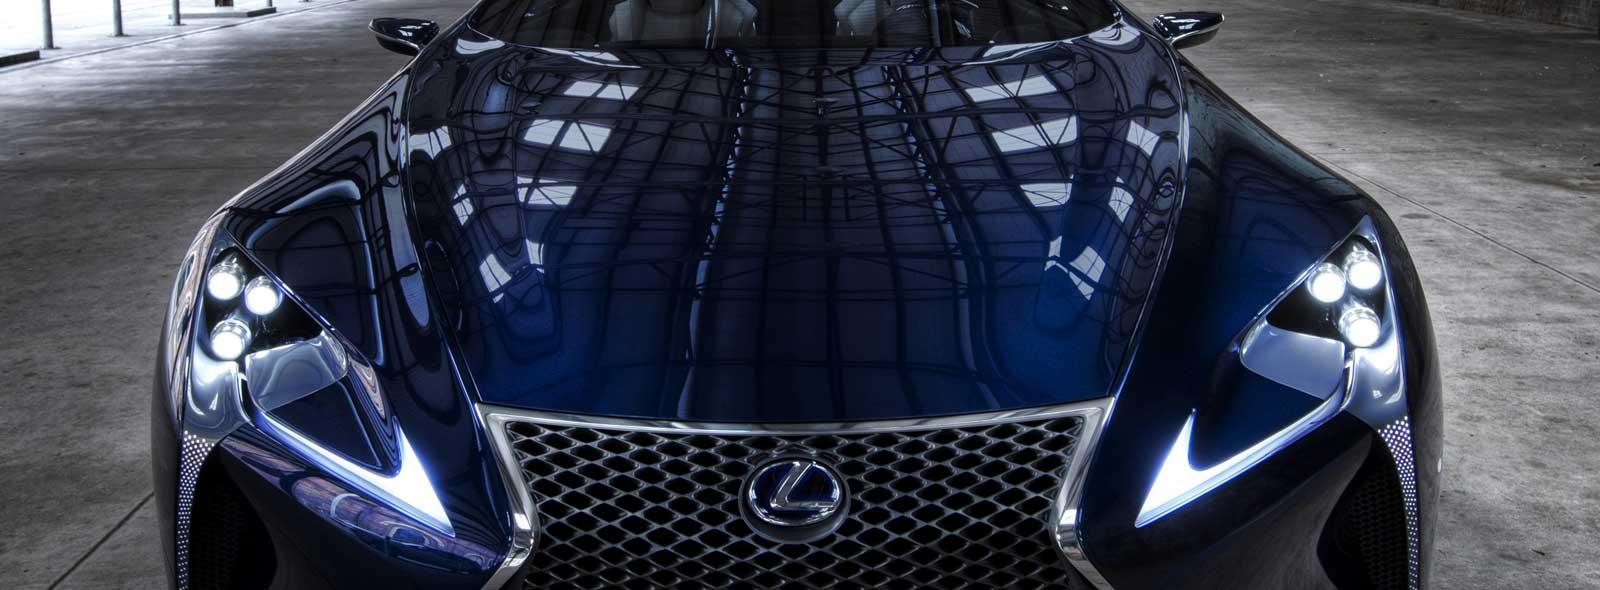 Lexus LF LC Կոնցեպտի տեսքը դիմացից